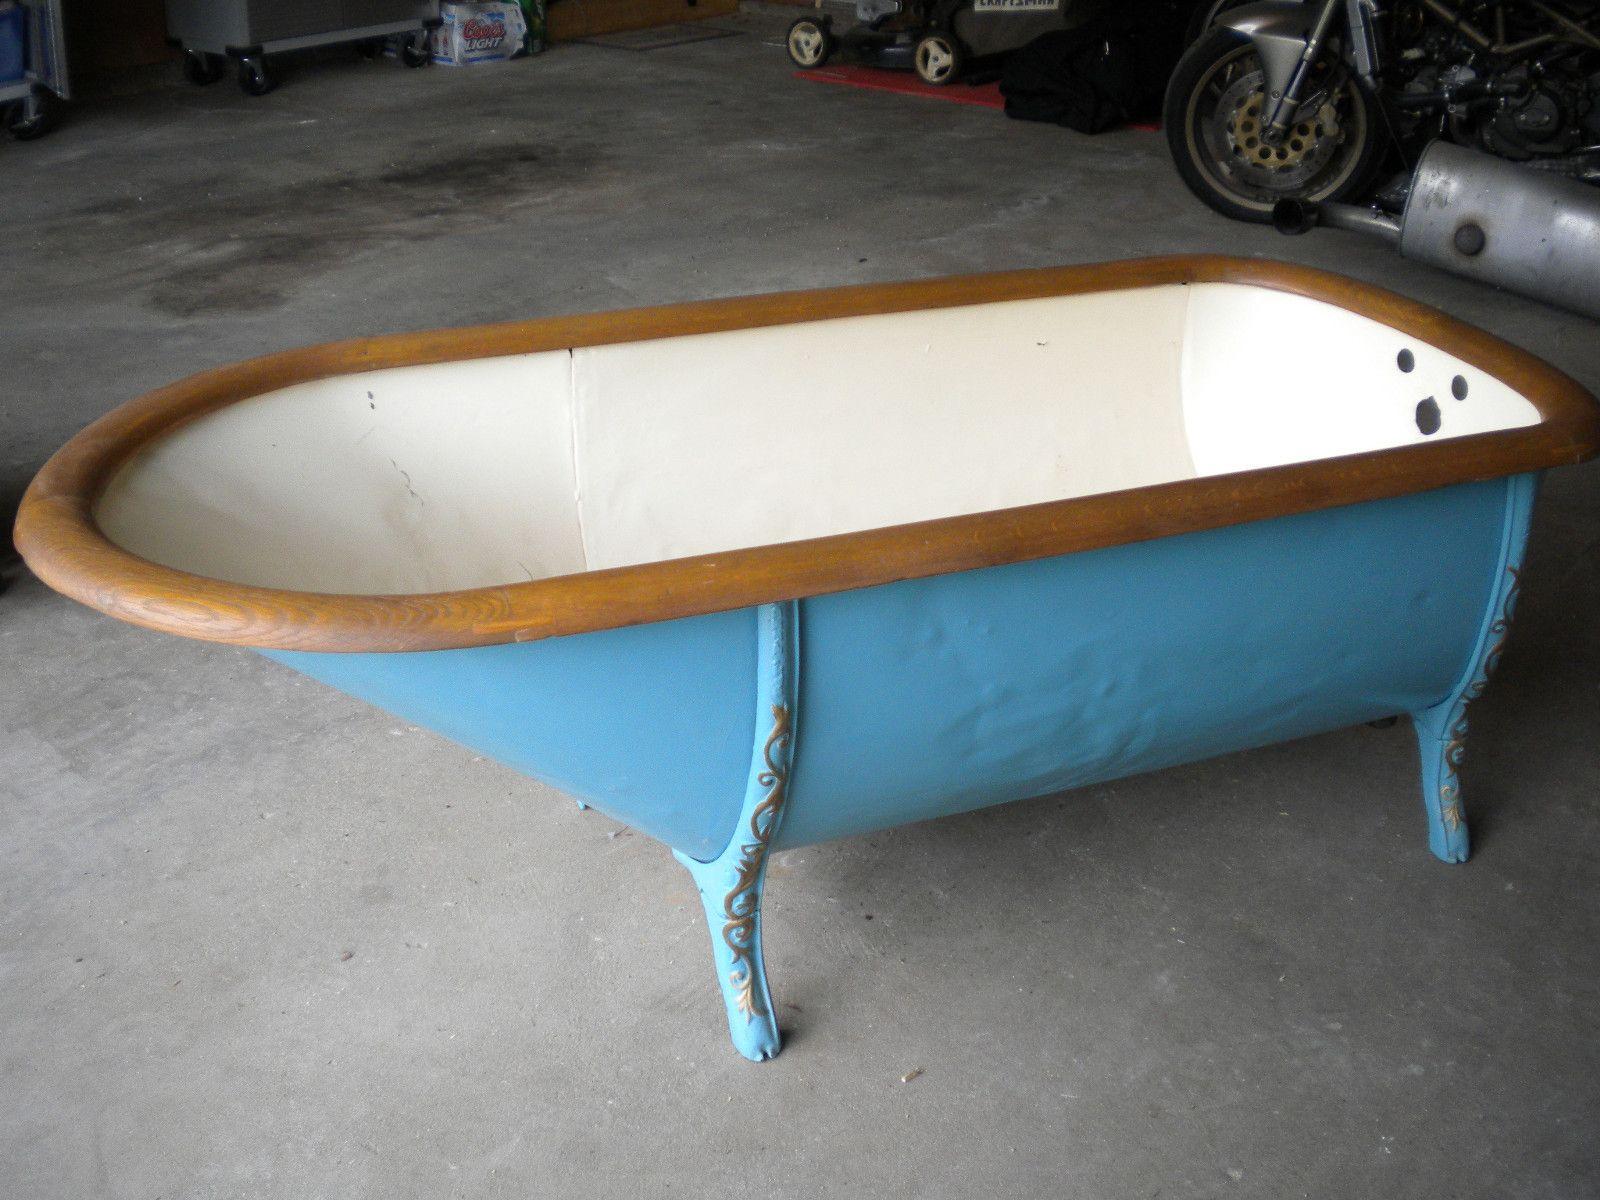 Antique bath tub cowboy bathtub tin wood rim steel clad circa late ...